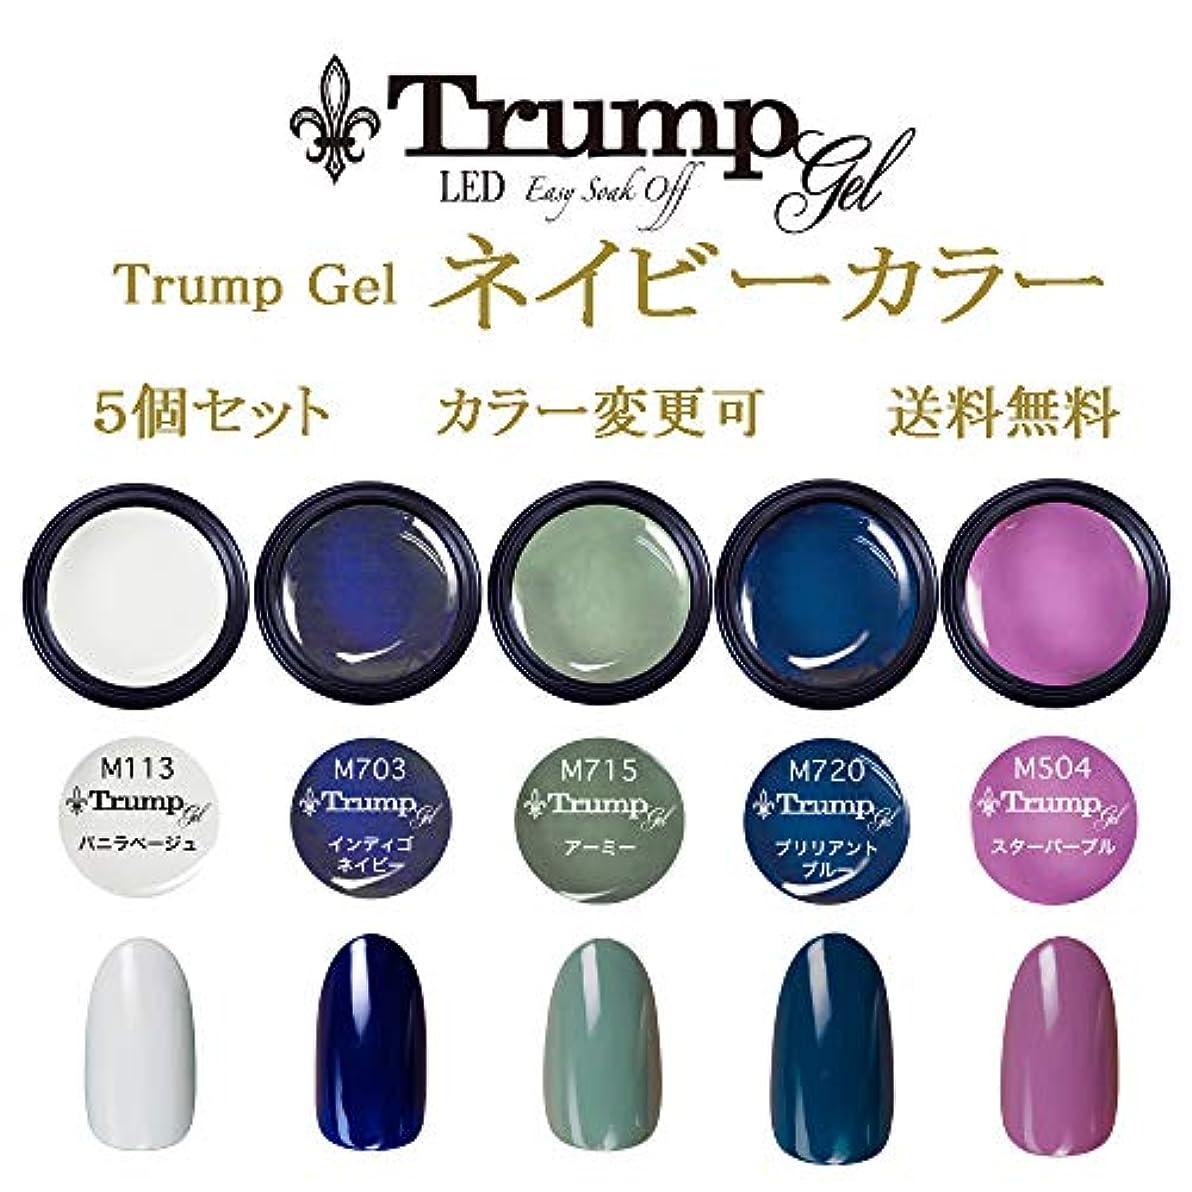 ポルトガル語説明的なくなる日本製 Trump gel トランプジェル ネイビーカラー 選べる カラージェル 5個セット ホワイト ブルー ネイビー パープル カーキ グリーン